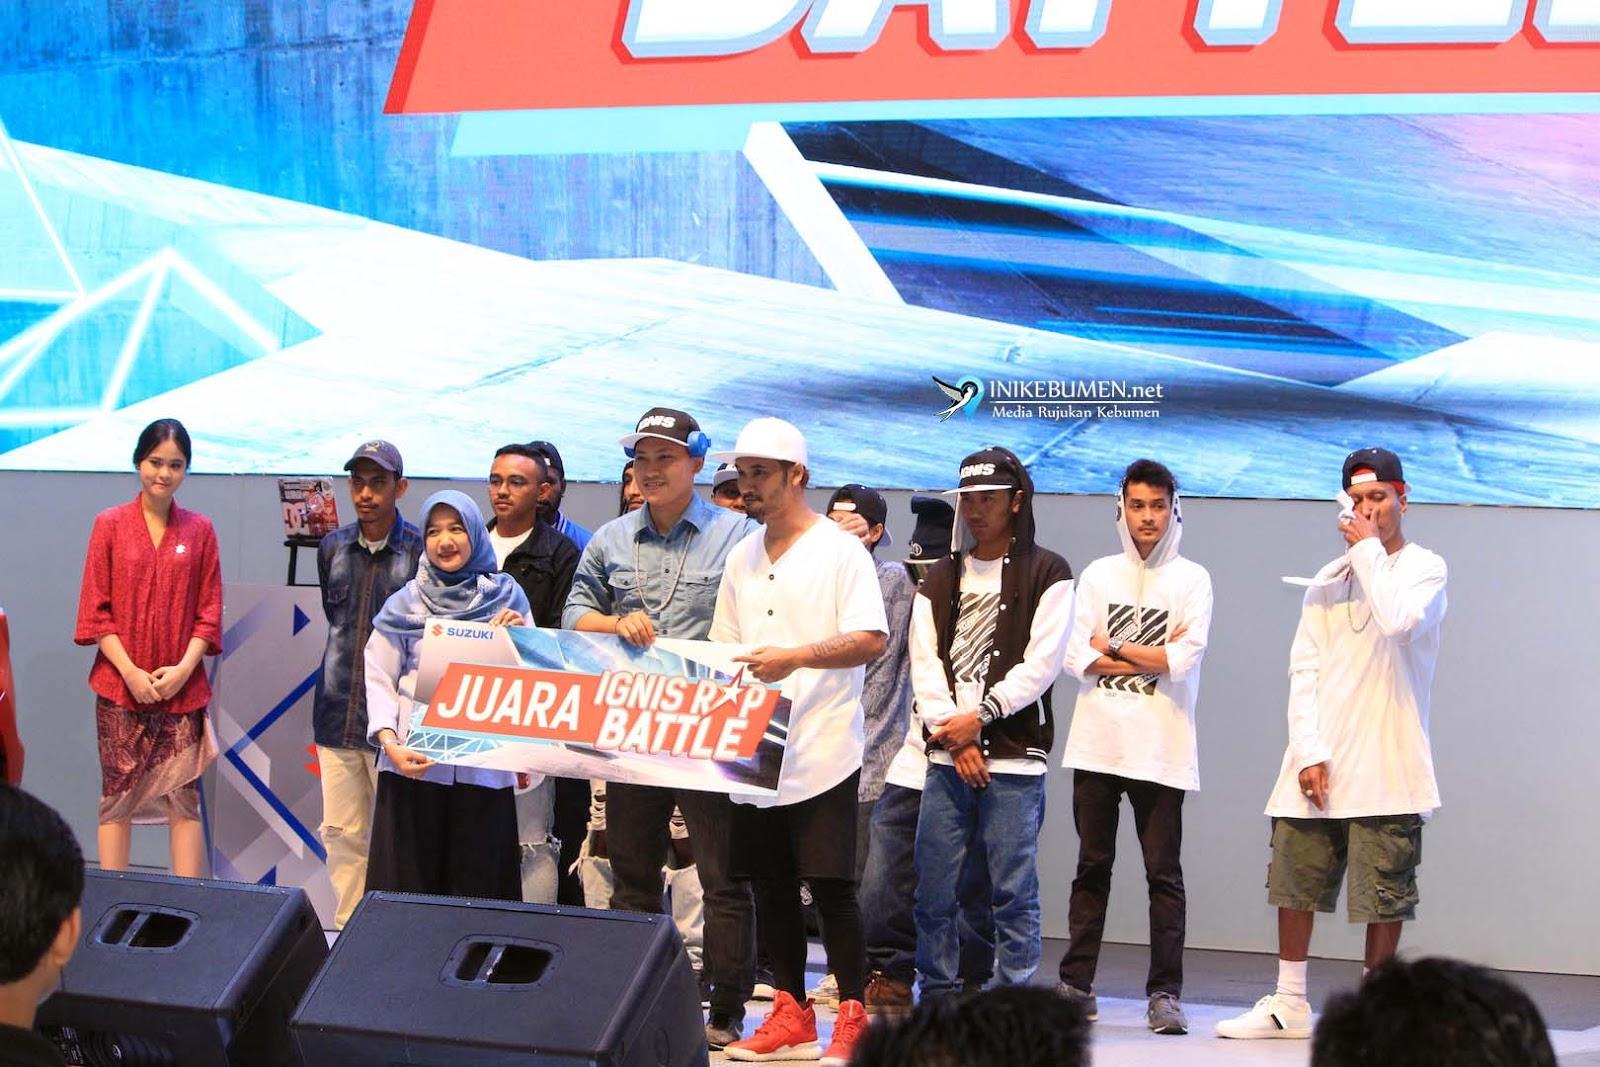 Final Ignis Rap Battle, Umumkan Pemenang dari Surabaya